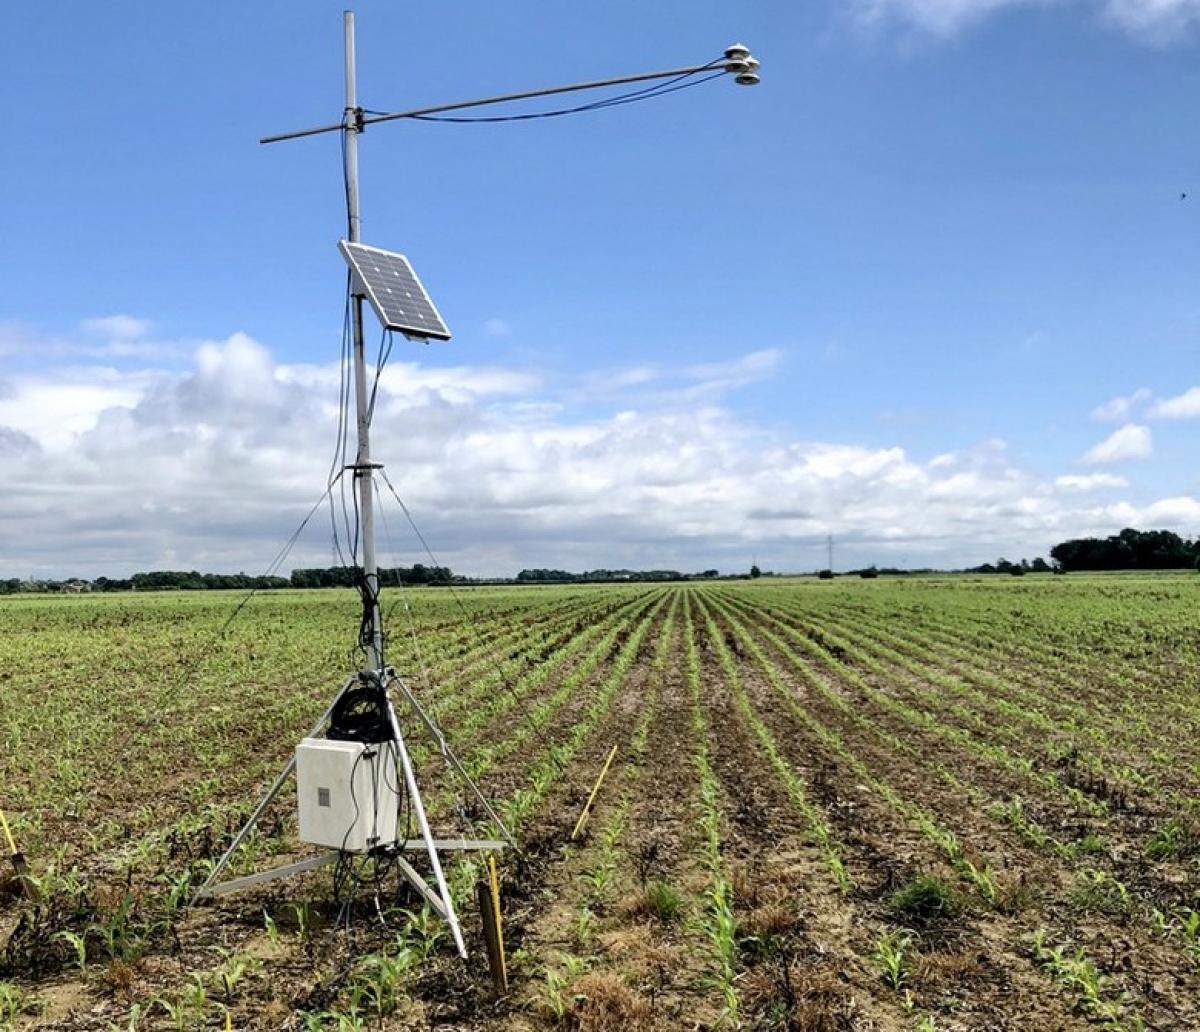 Mesure de l'albédo dans un champ de maïs en France © M. Ferlicoq